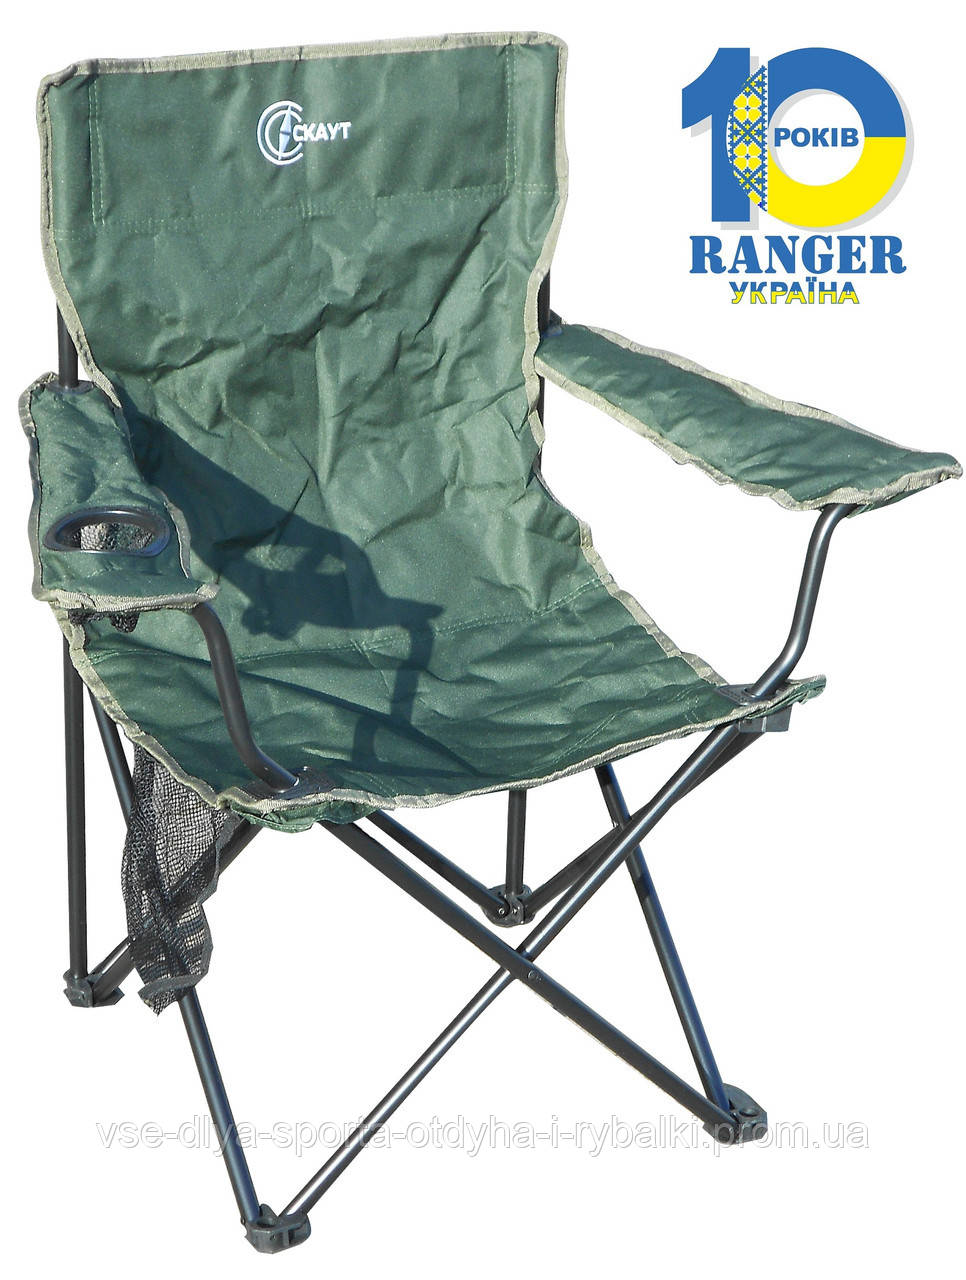 Раскладное кресло FC610-96806